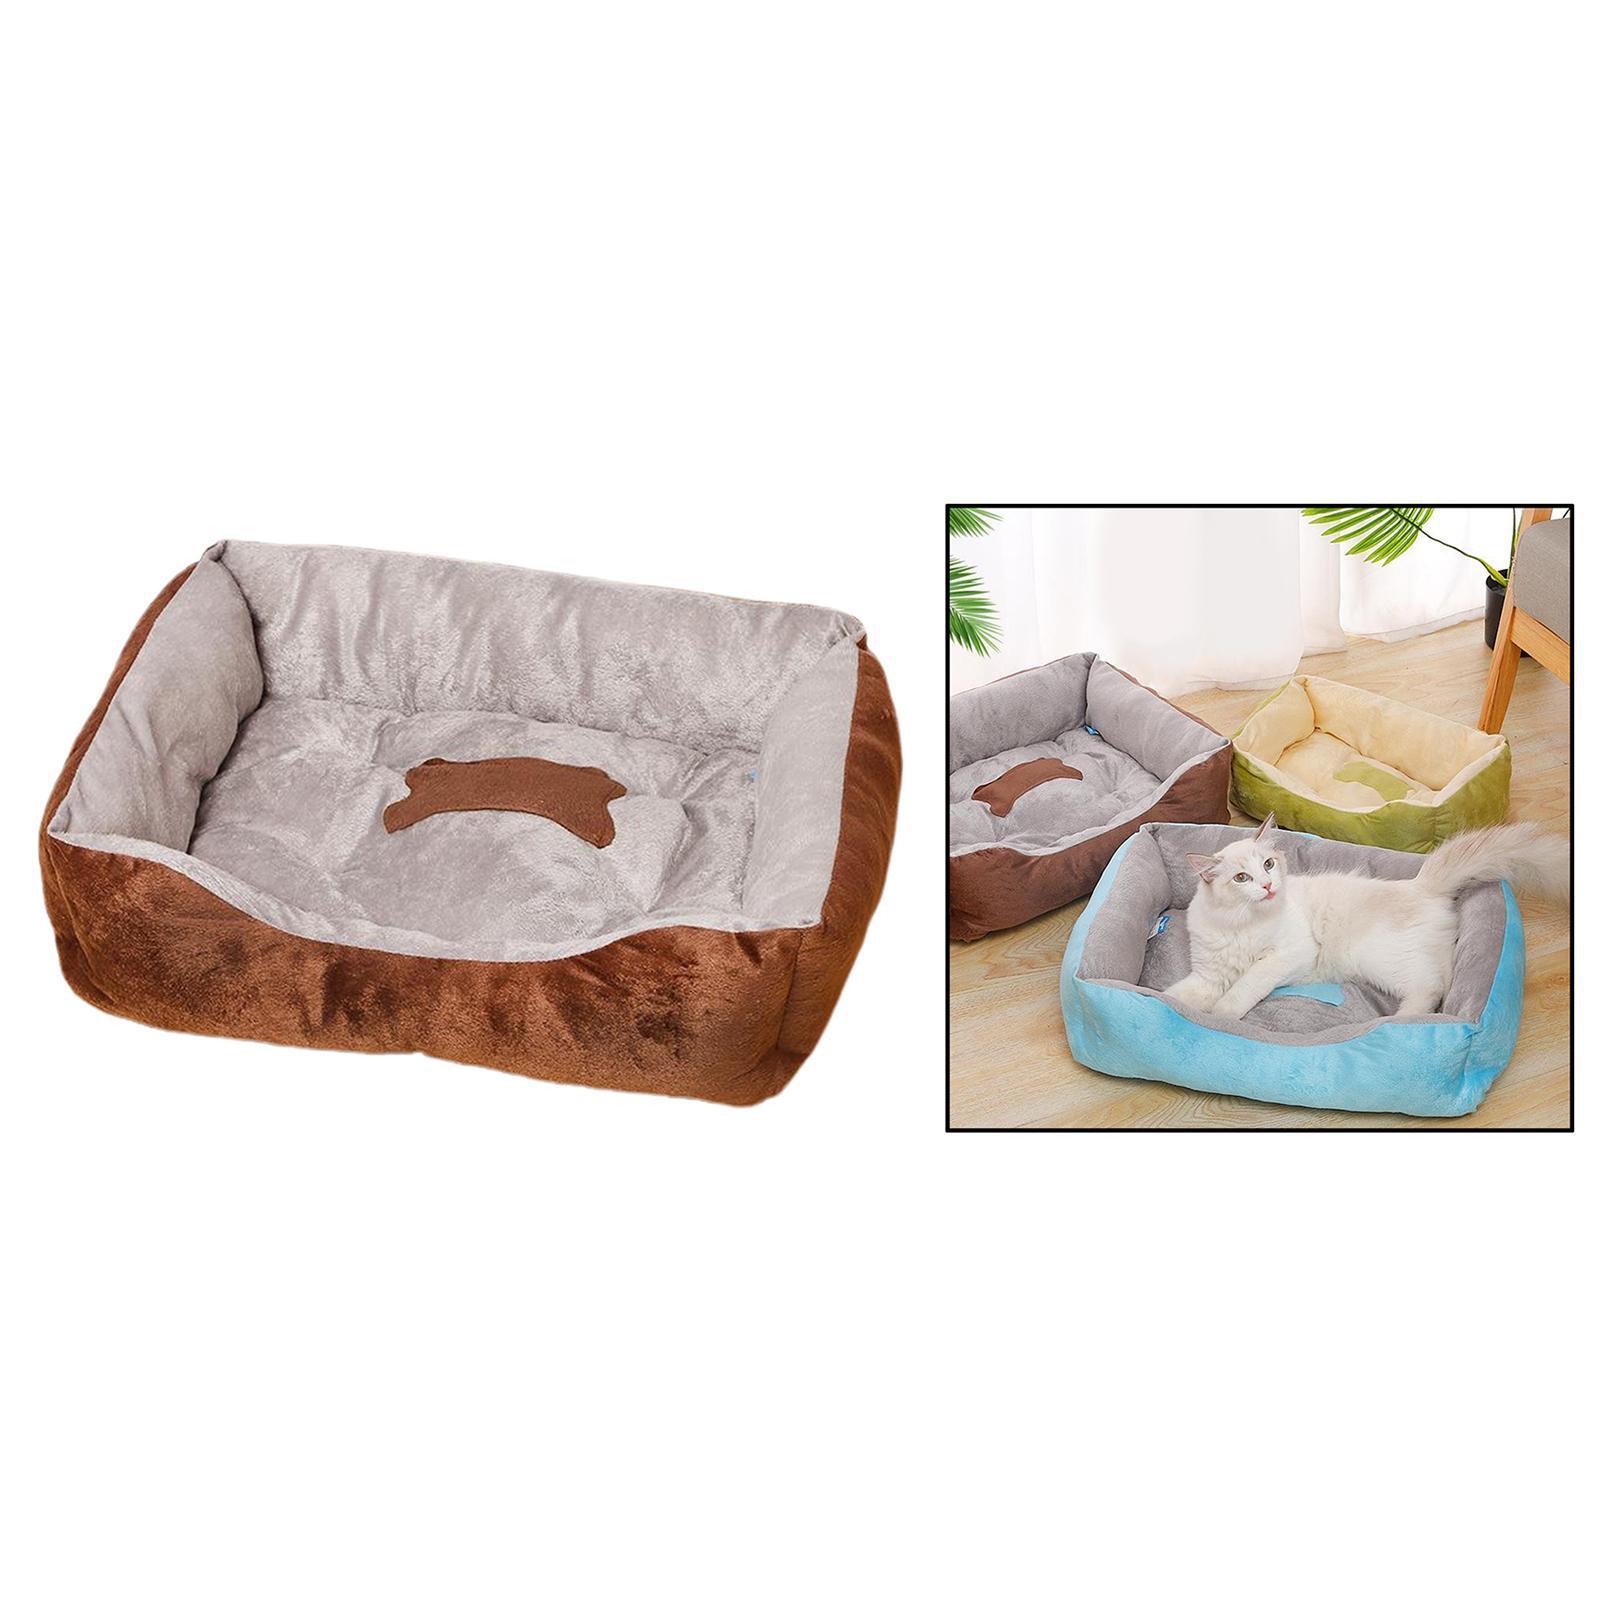 Indexbild 42 - Katze-Hund-Bett-Pet-Kissen-Betten-Haus-Schlaf-Soft-Warmen-Zwinger-Decke-Nest